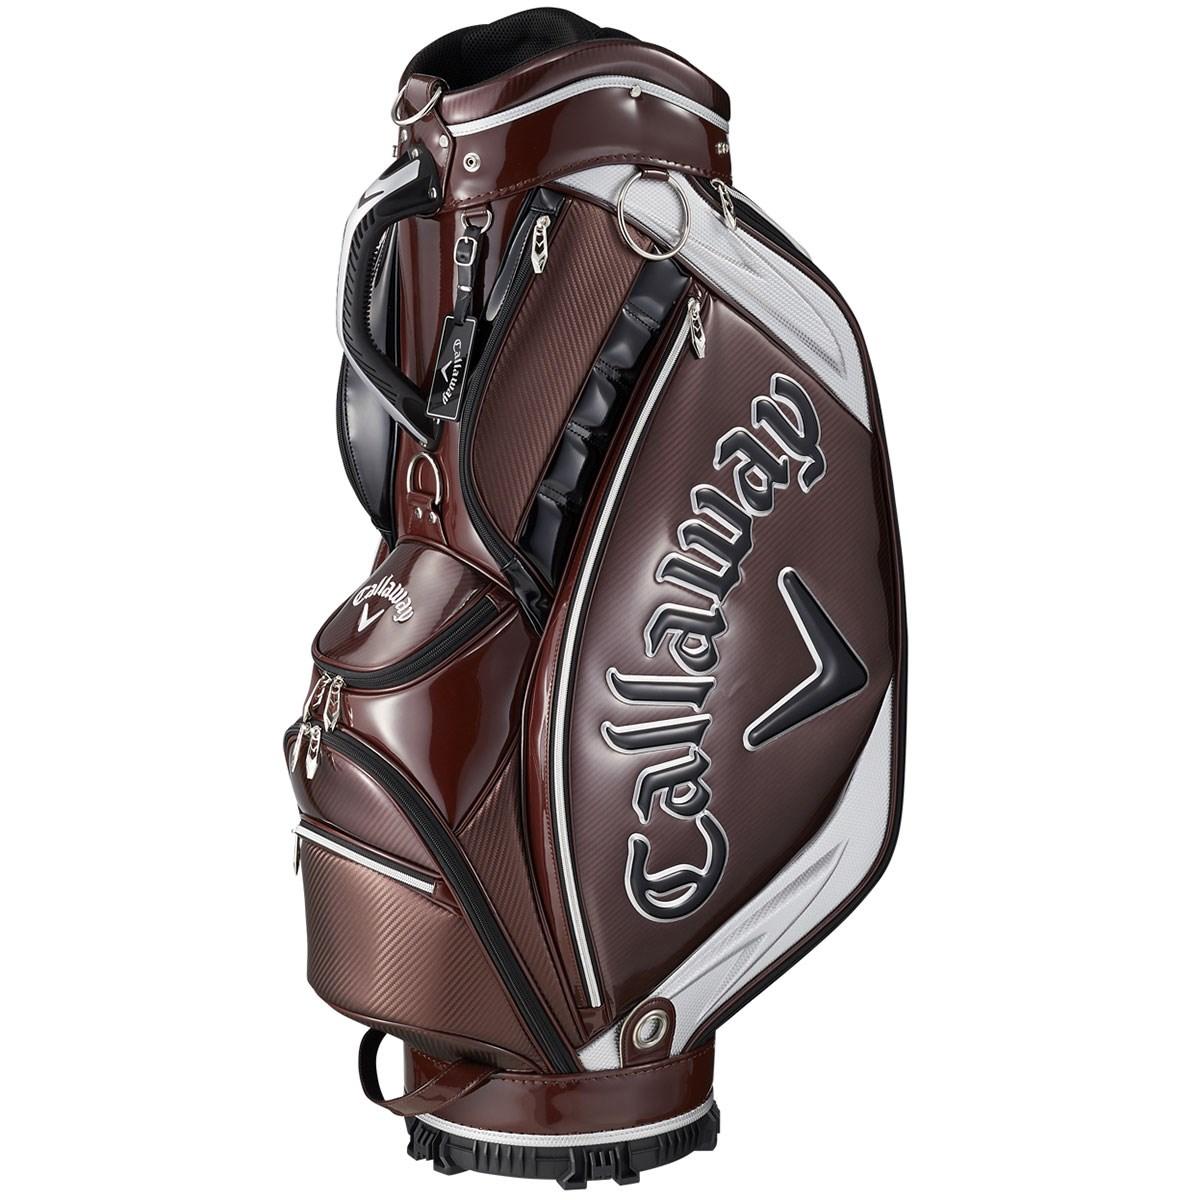 キャロウェイゴルフ(Callaway Golf) CRT GLAZE キャディバッグ 18JM